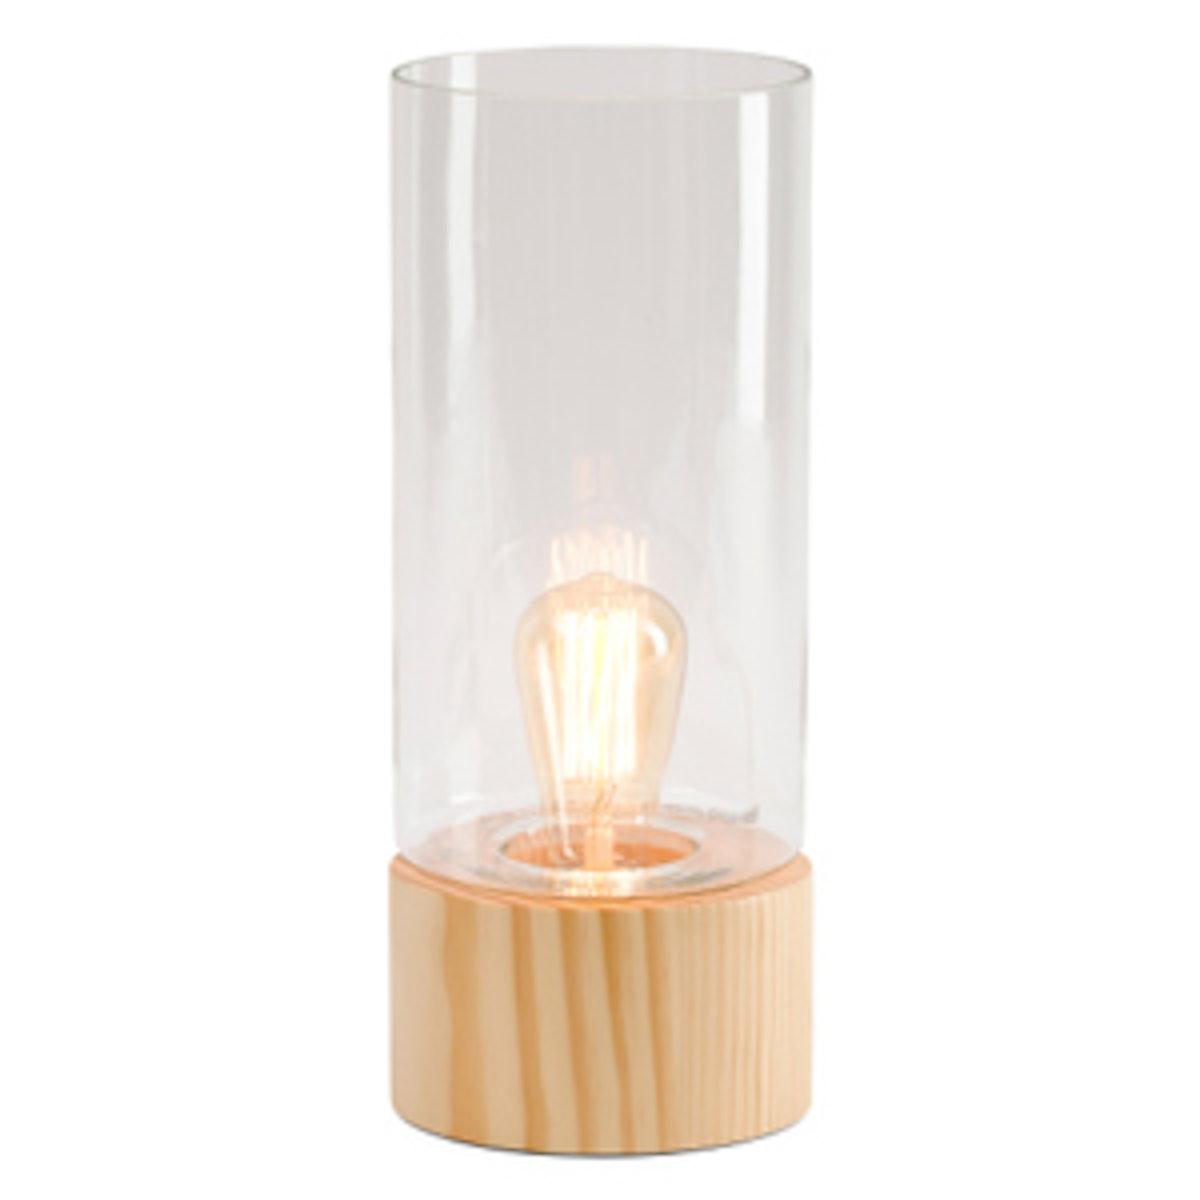 Glass Uplight On Wood Base